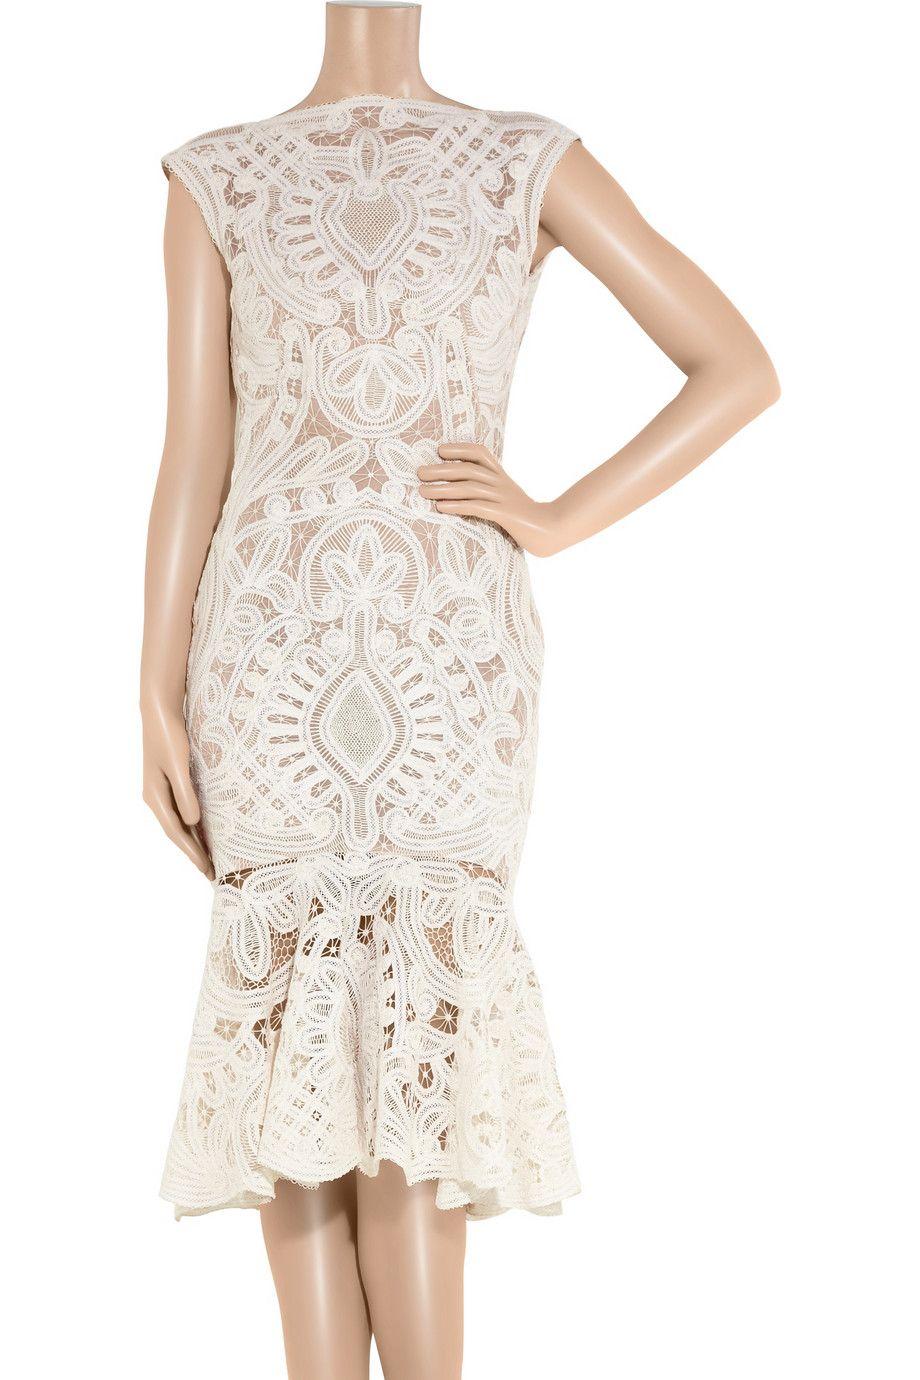 Alexander McQueen|Crochet-embroidered silk-organza dress|NET-A-PORTER.COM rehearsal dinner